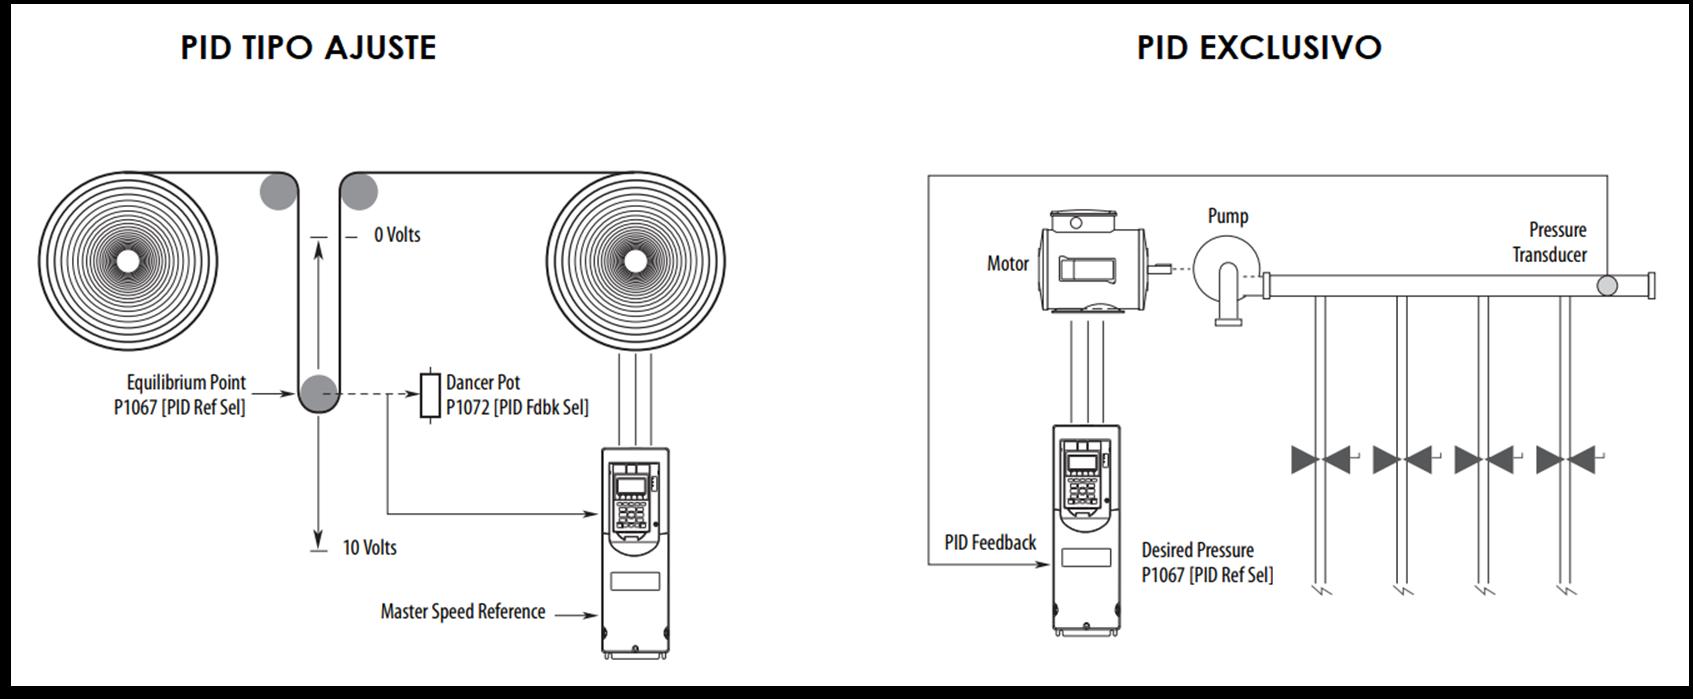 Topologías de lazos PID disponibles en variadores PowerFlex 753